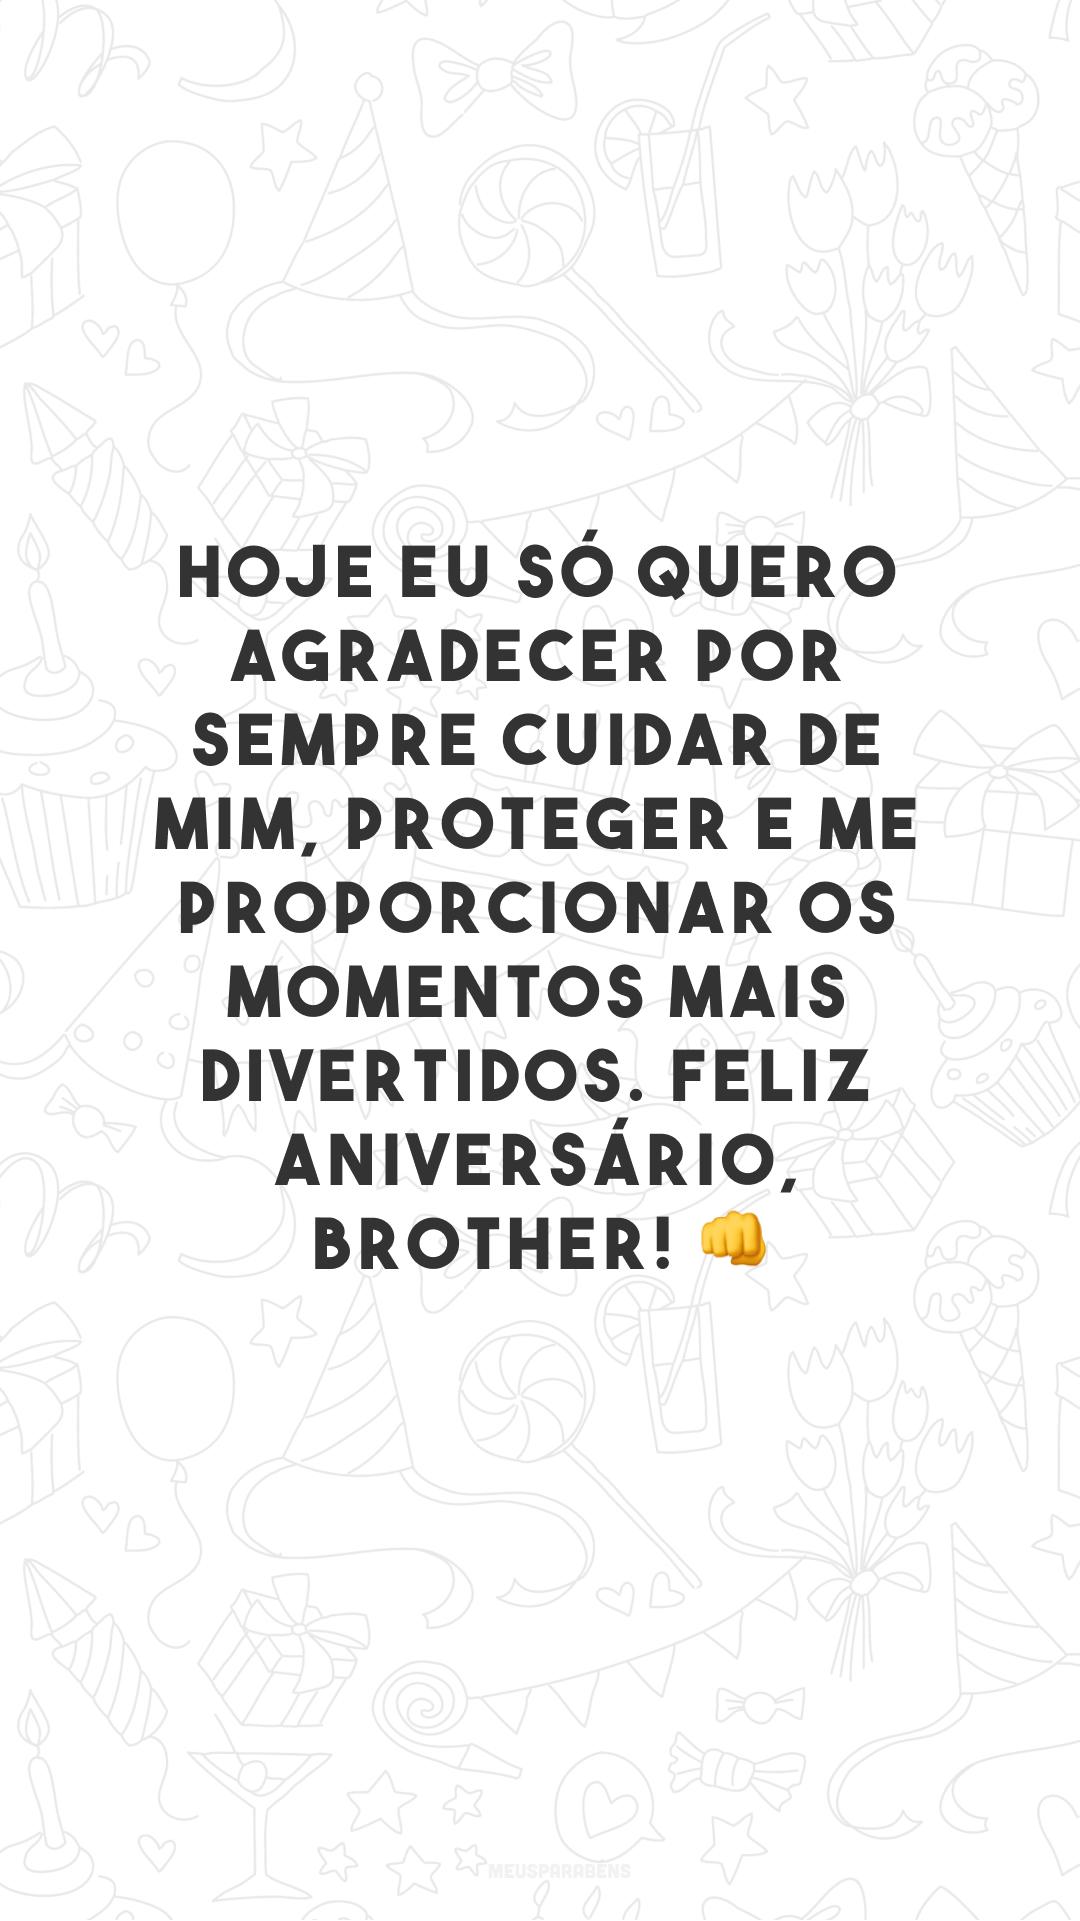 Hoje eu só quero agradecer por sempre cuidar de mim, proteger e me proporcionar os momentos mais divertidos. Feliz aniversário, brother! ?